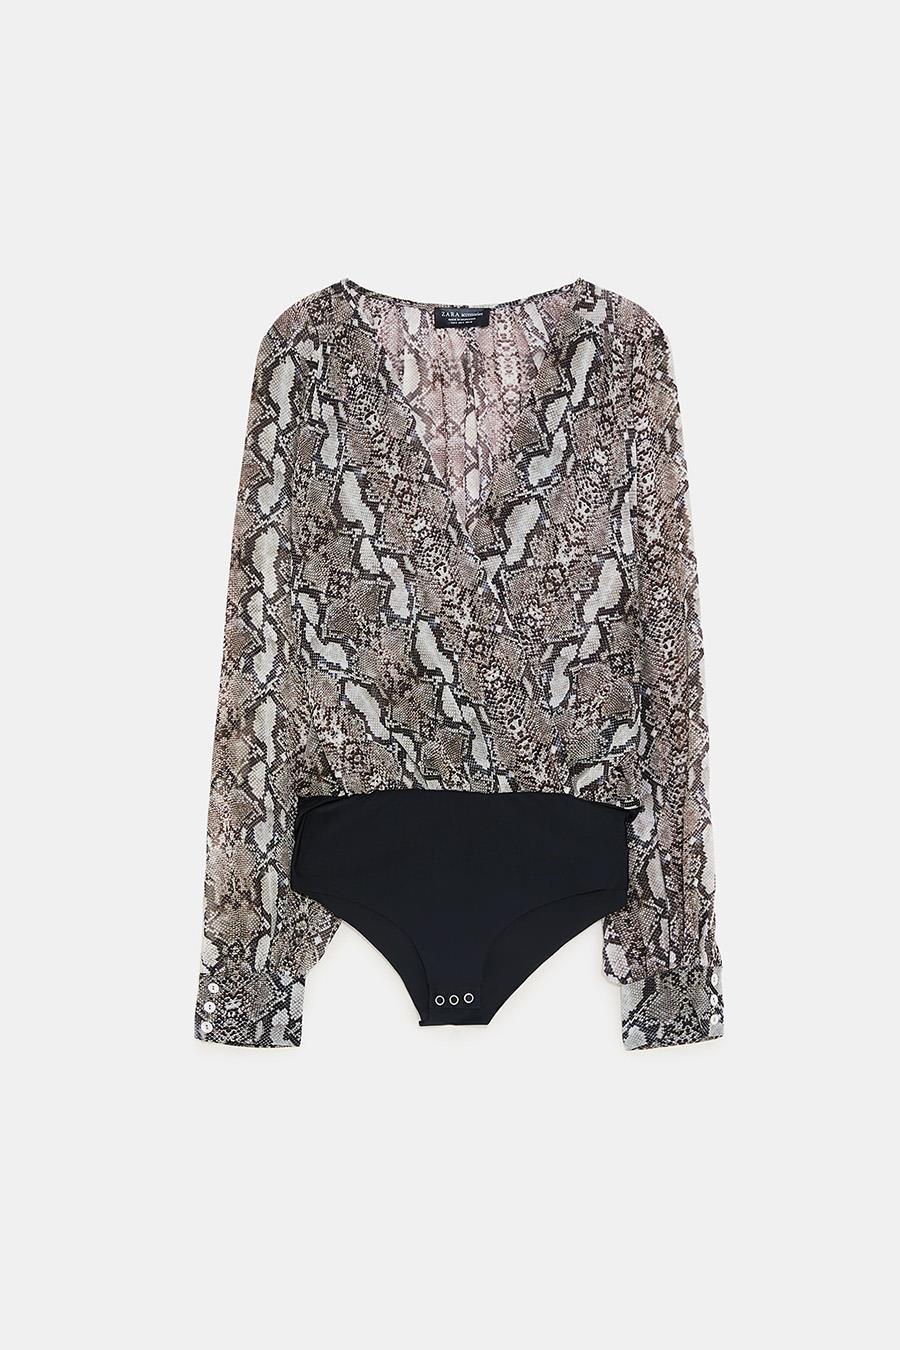 80b6ace6 Zara tiene la prenda perfecta para tus looks de fiesta del otoño-invierno  2018/19: los bodies de mujer son los protagonistas de la nueva colección  del ...